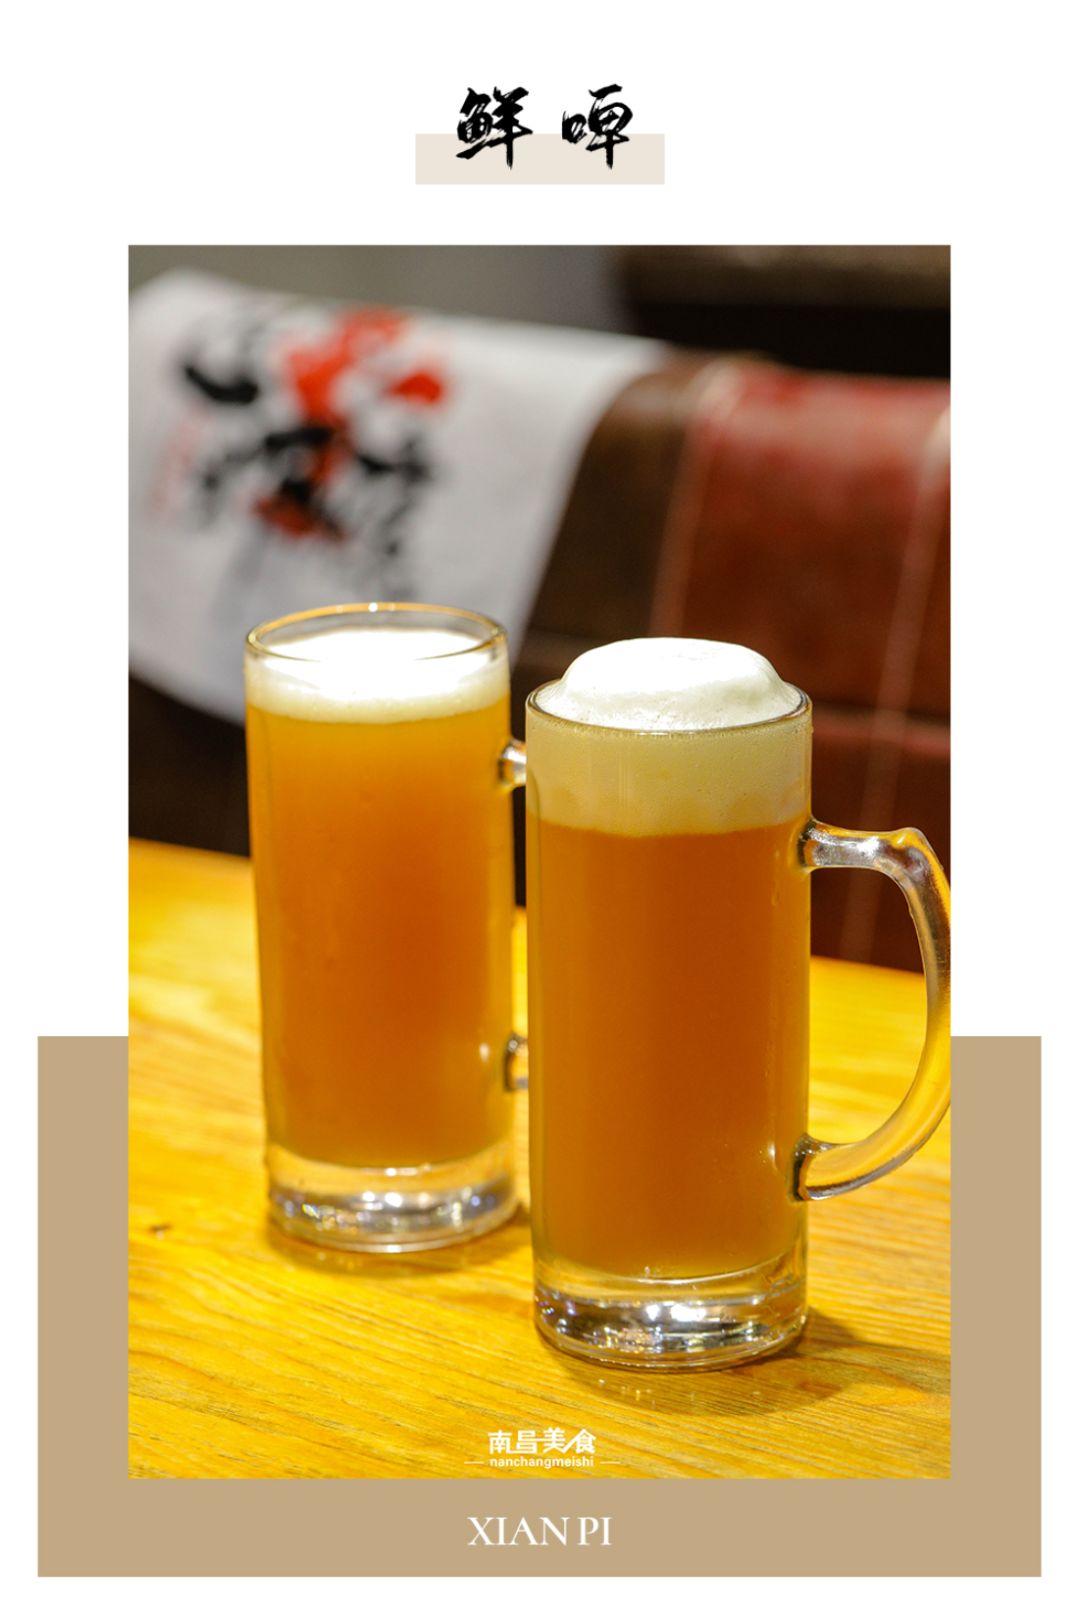 榴莲和啤酒可以一起吃吗?_360问答